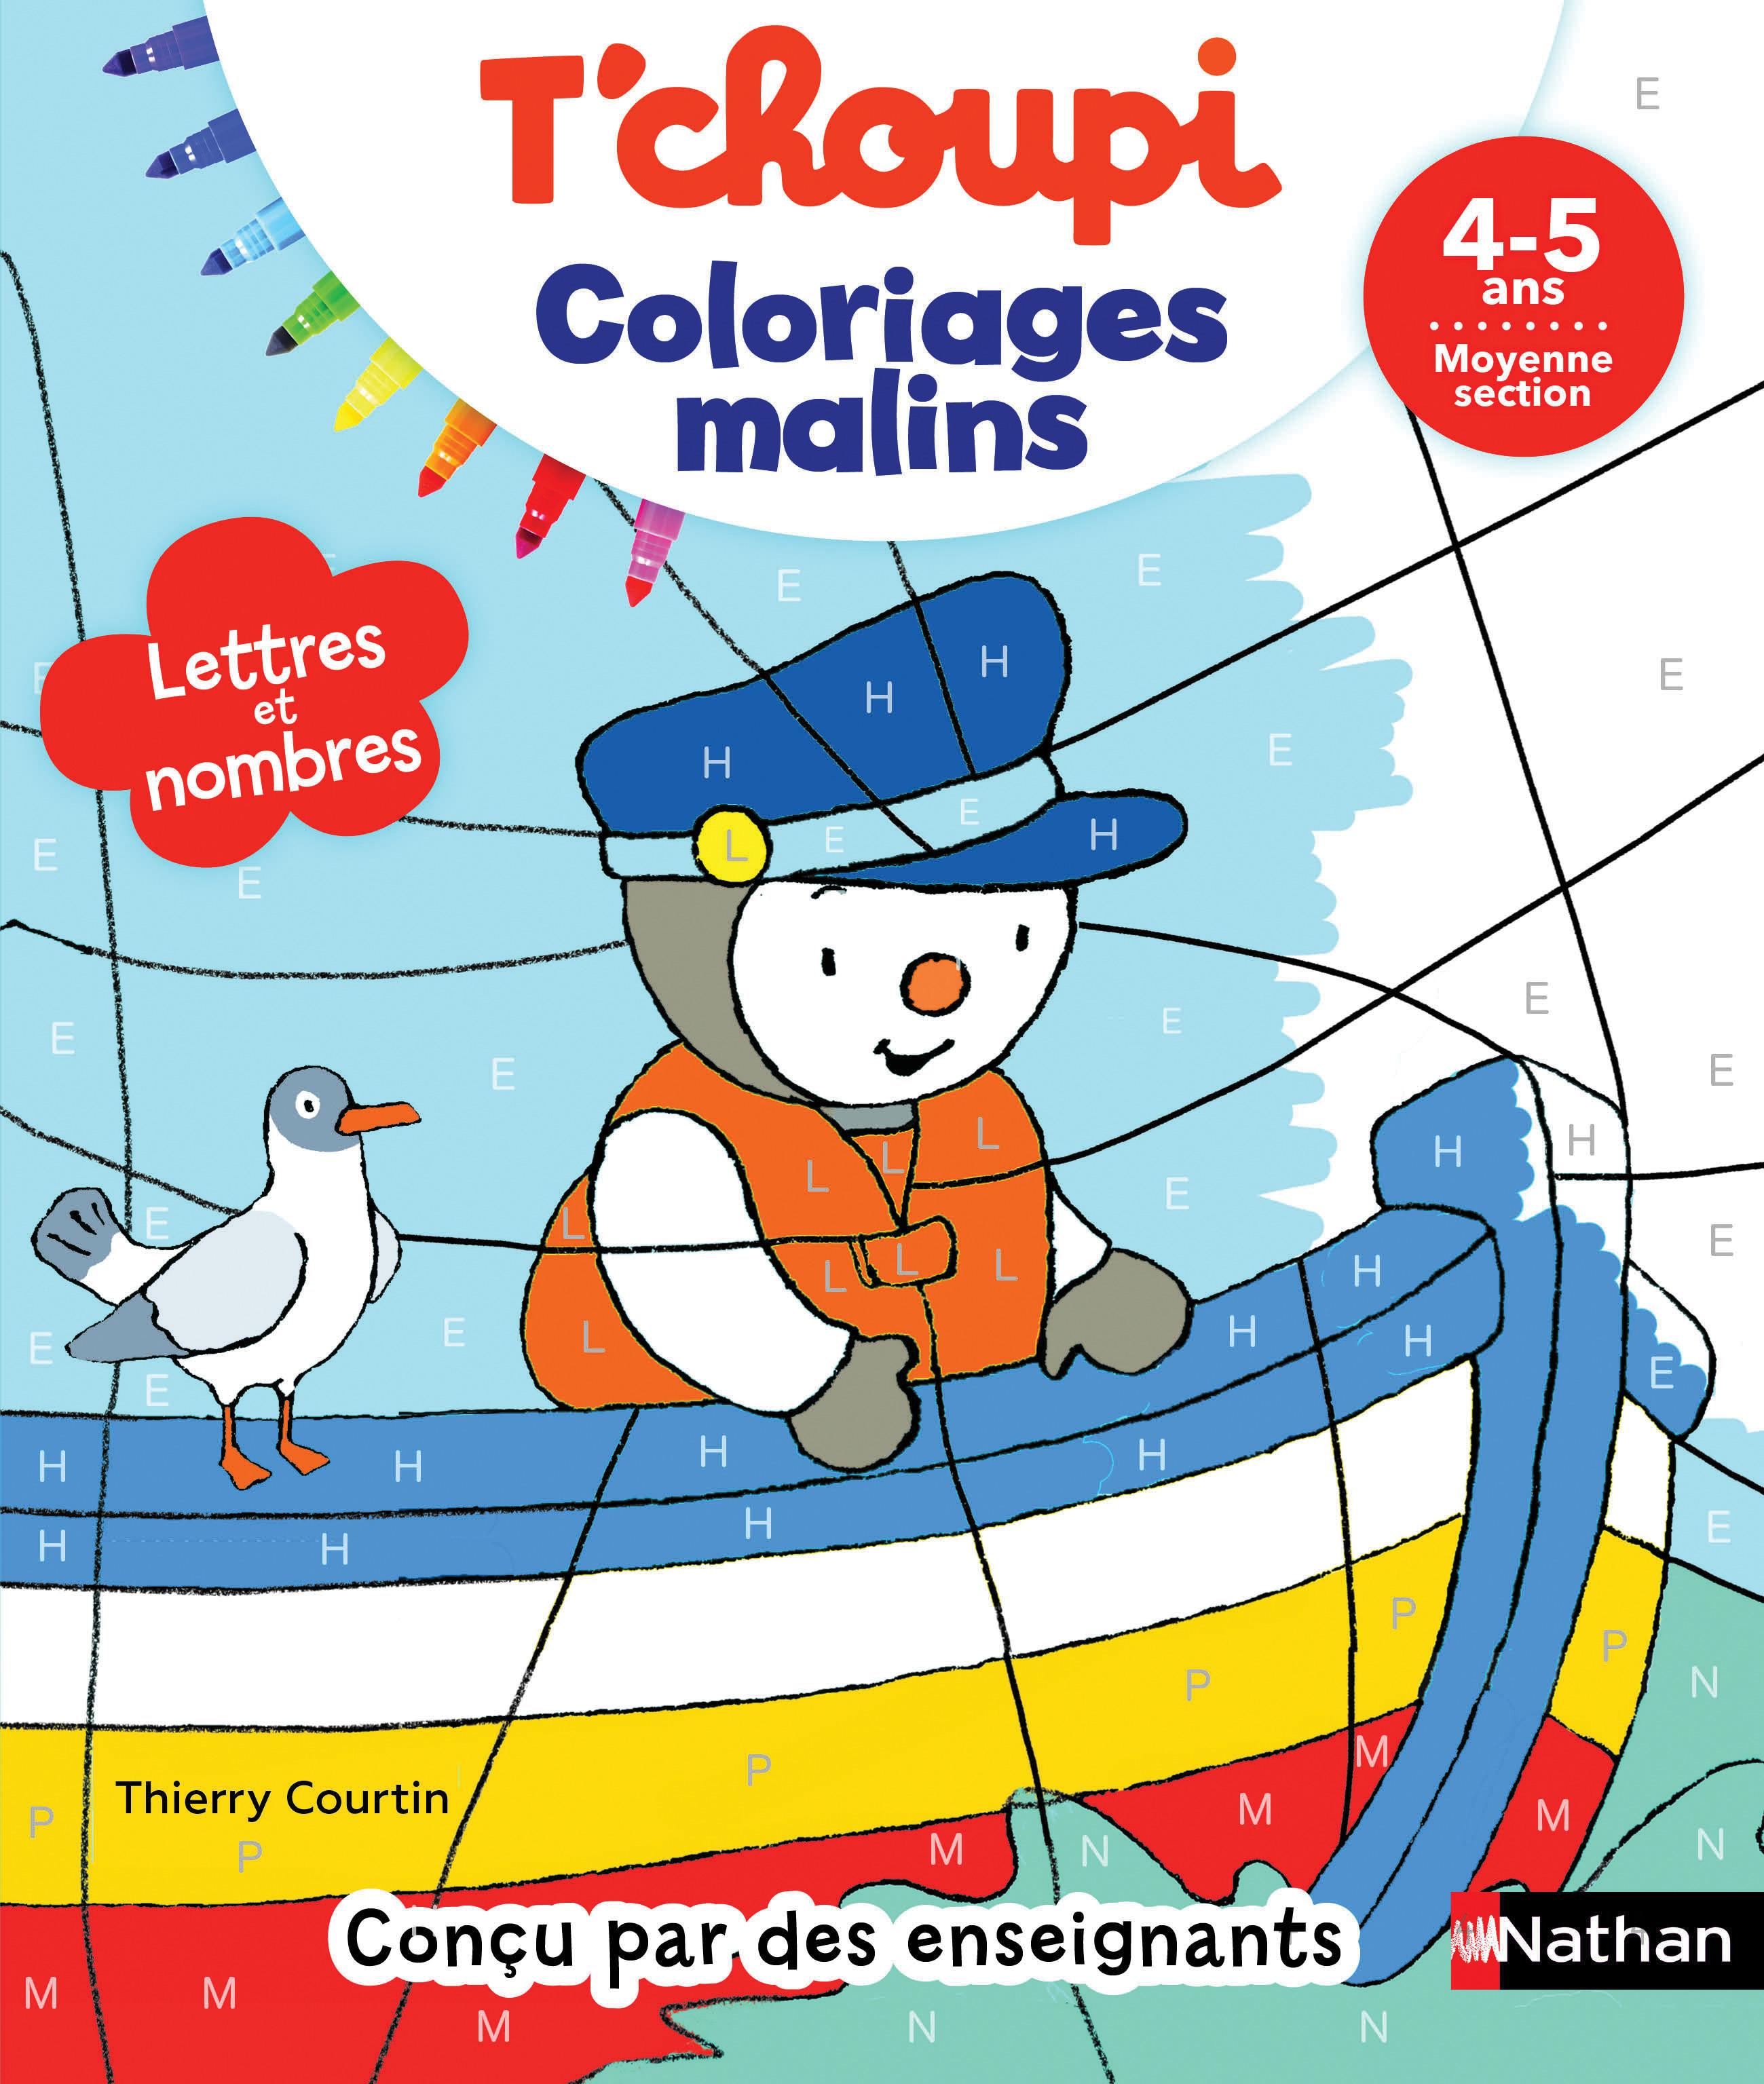 T'choupi coloriages malins - lettres et nombres magiques - maternelle MS 4-5 ans